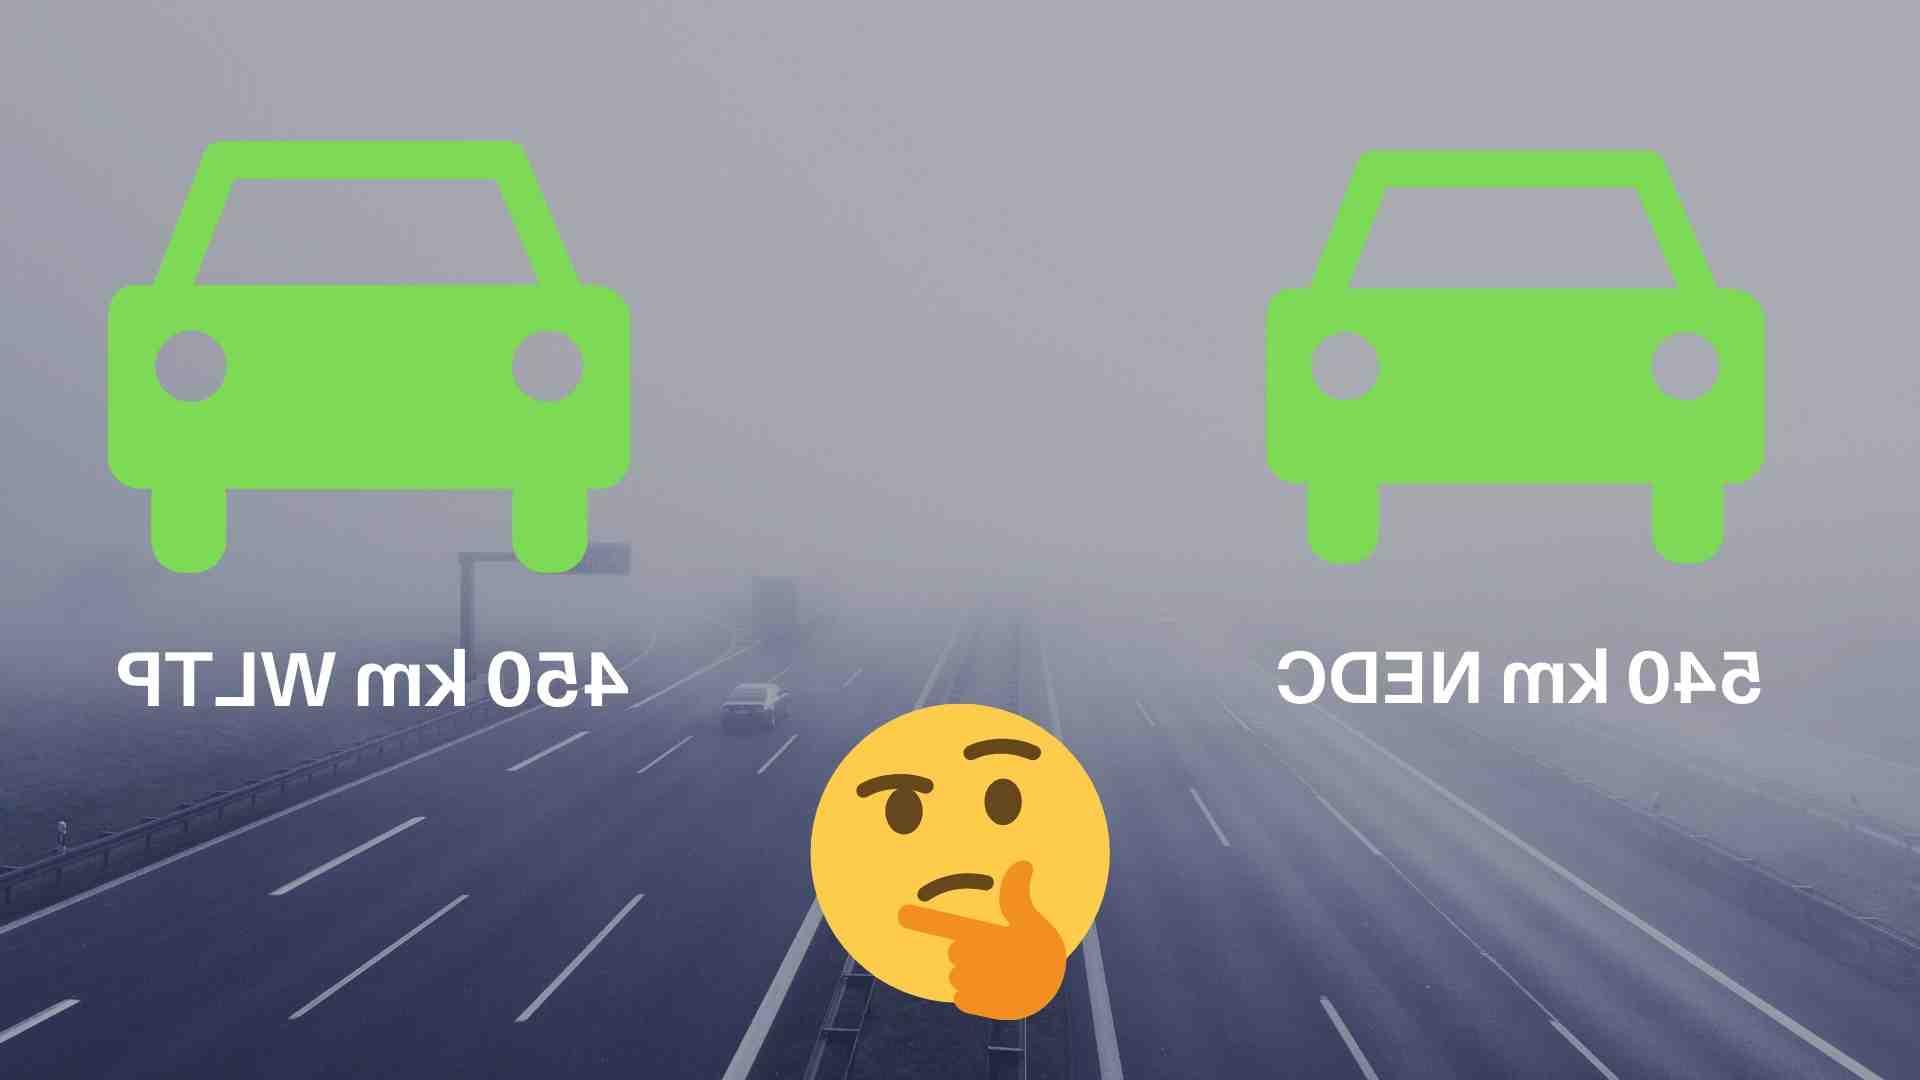 Comment calculer le taux de CO2 d'une voiture d'occasion?